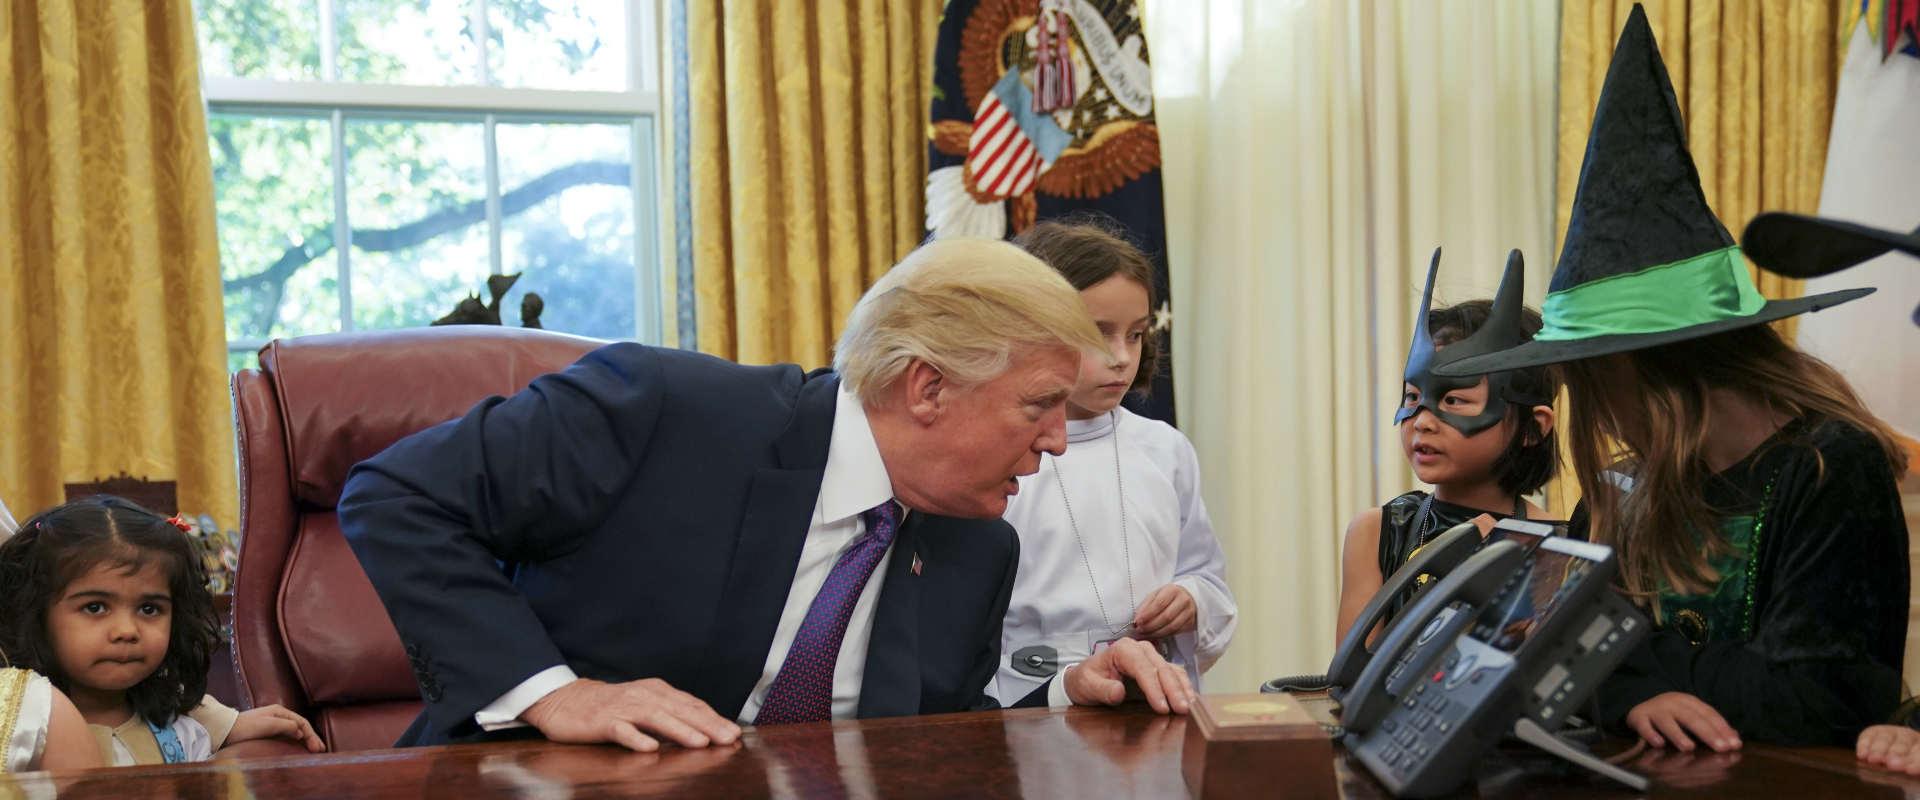 נשיא ארצות הברית, דונלד טראמפ